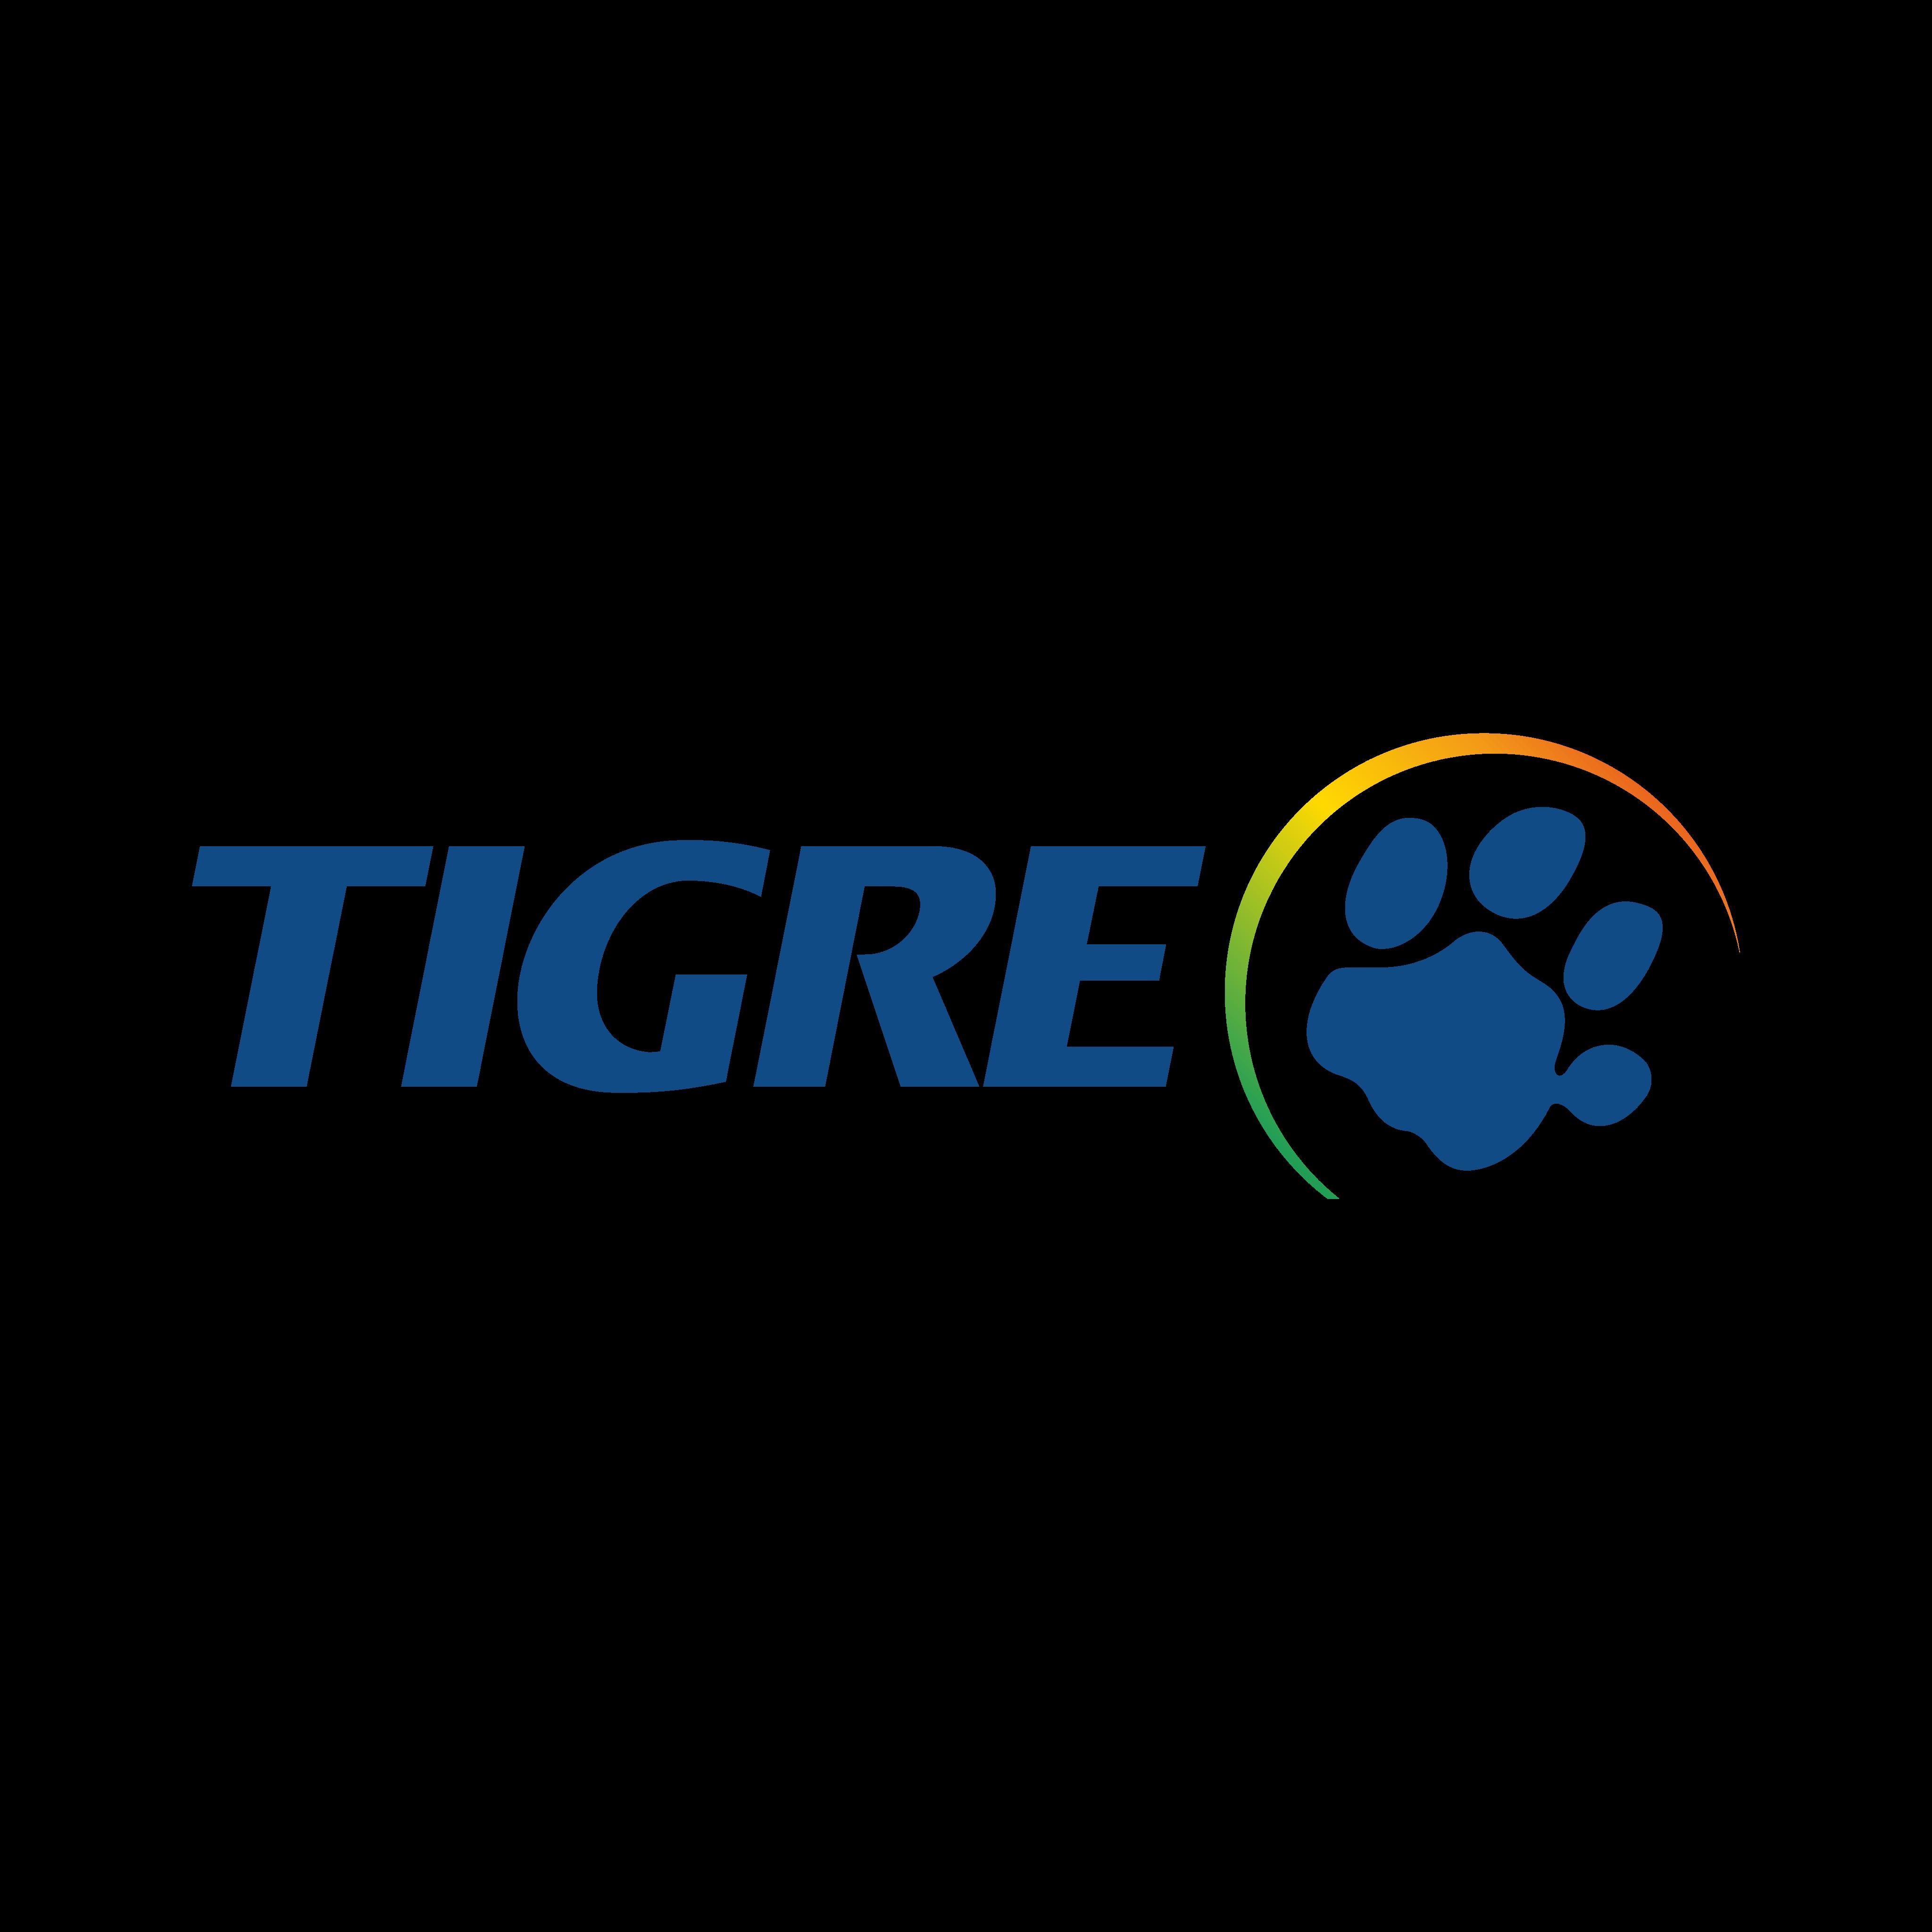 tigre logo 0 - Tigre Logo - Tigre Tubos e Conexões Logo